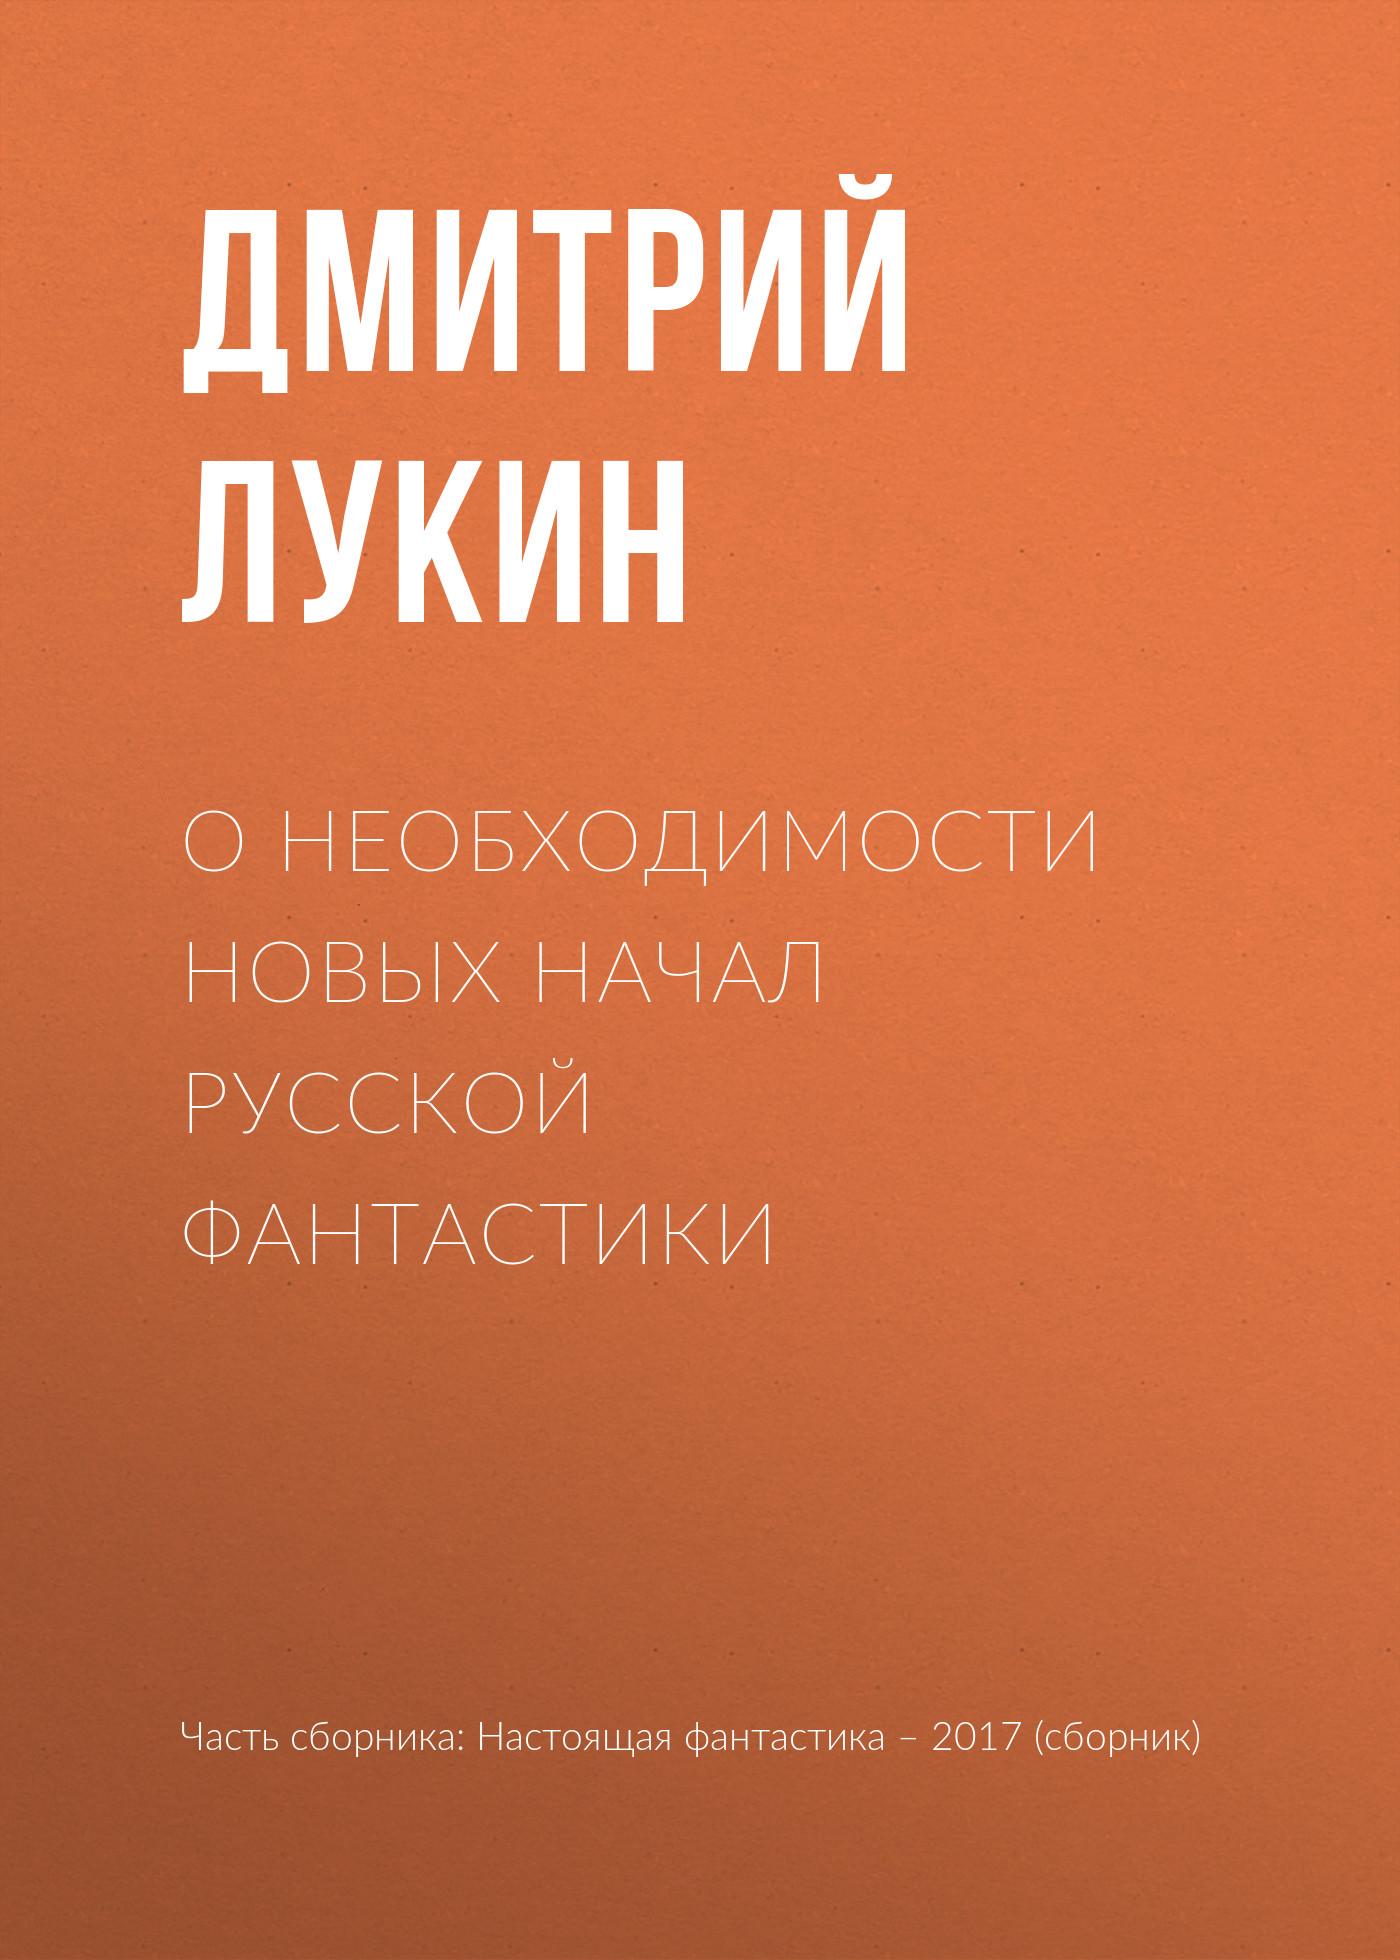 О необходимости новых начал русской фантастики